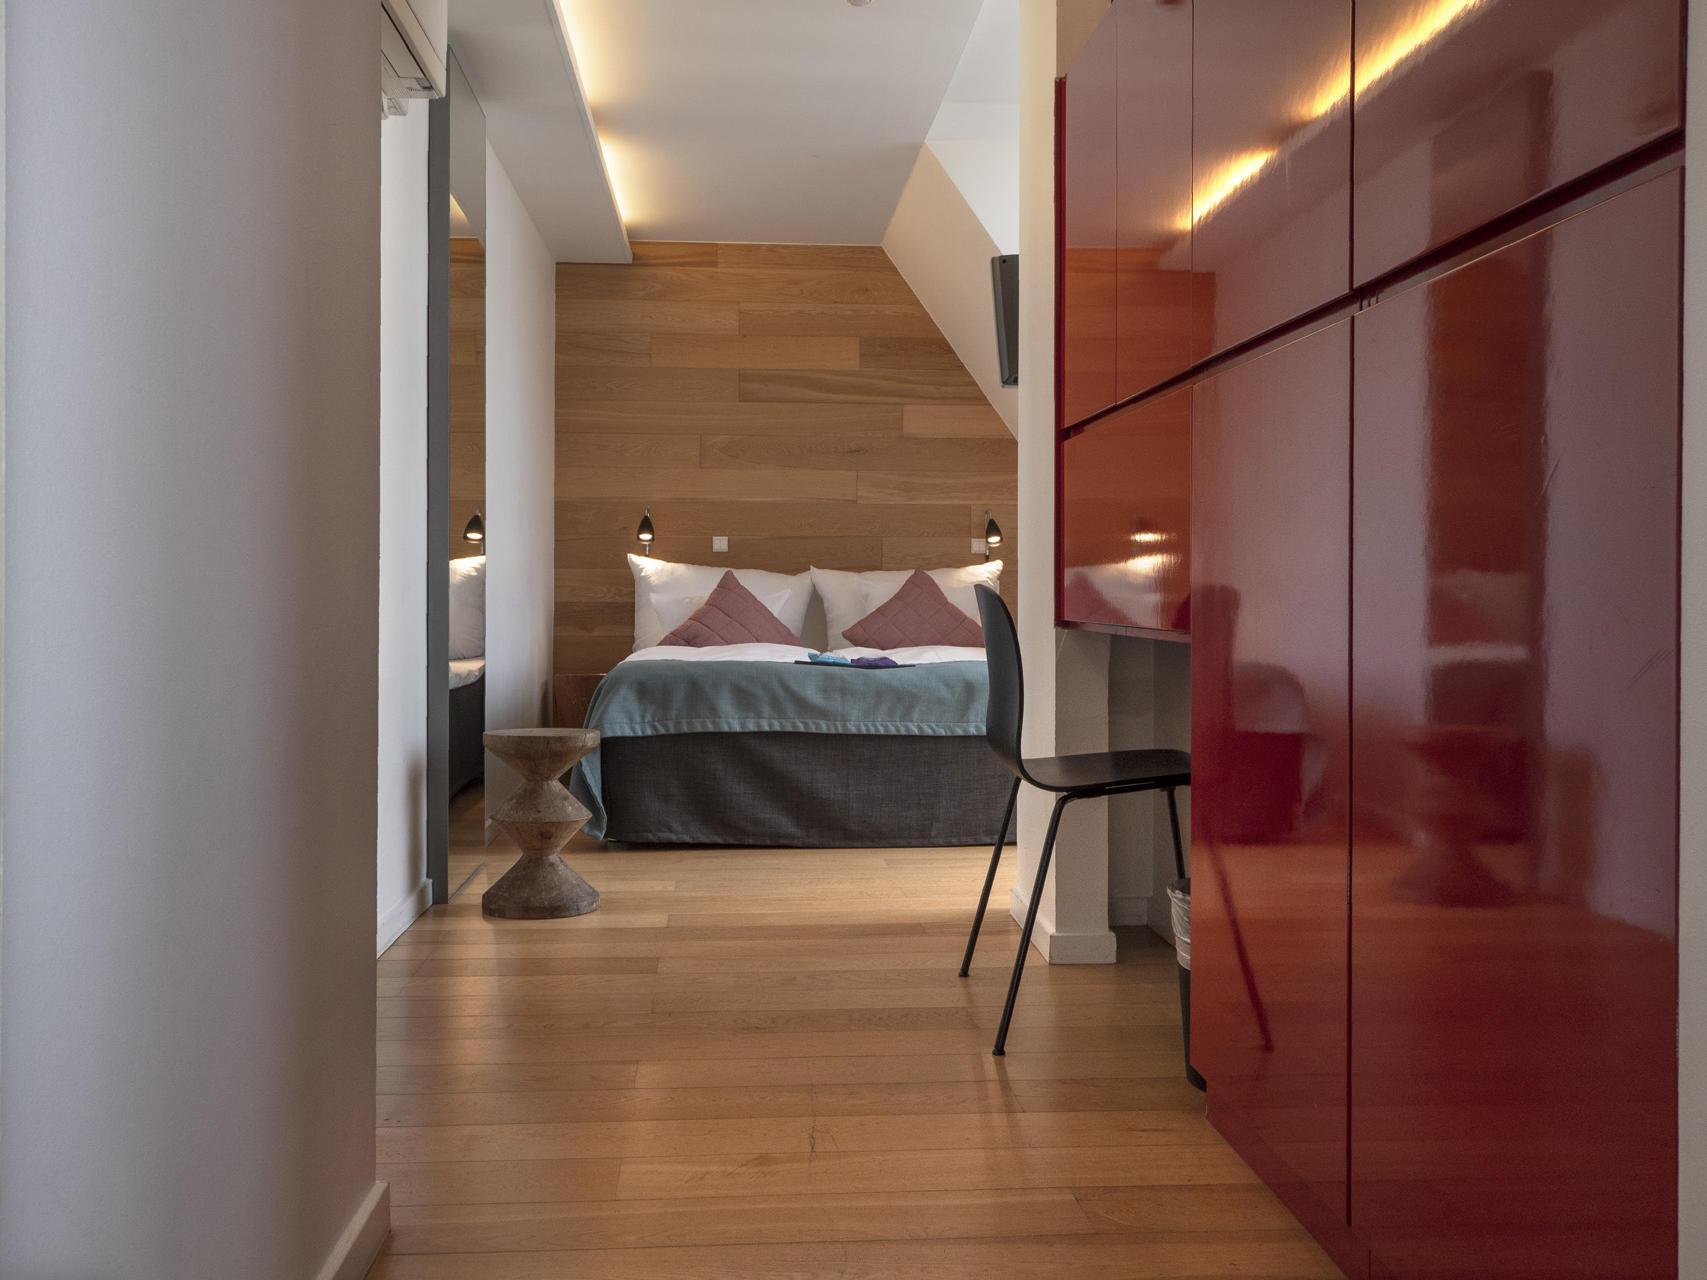 Deluxe Double Room at Hotel Twentyseven Copenhagen